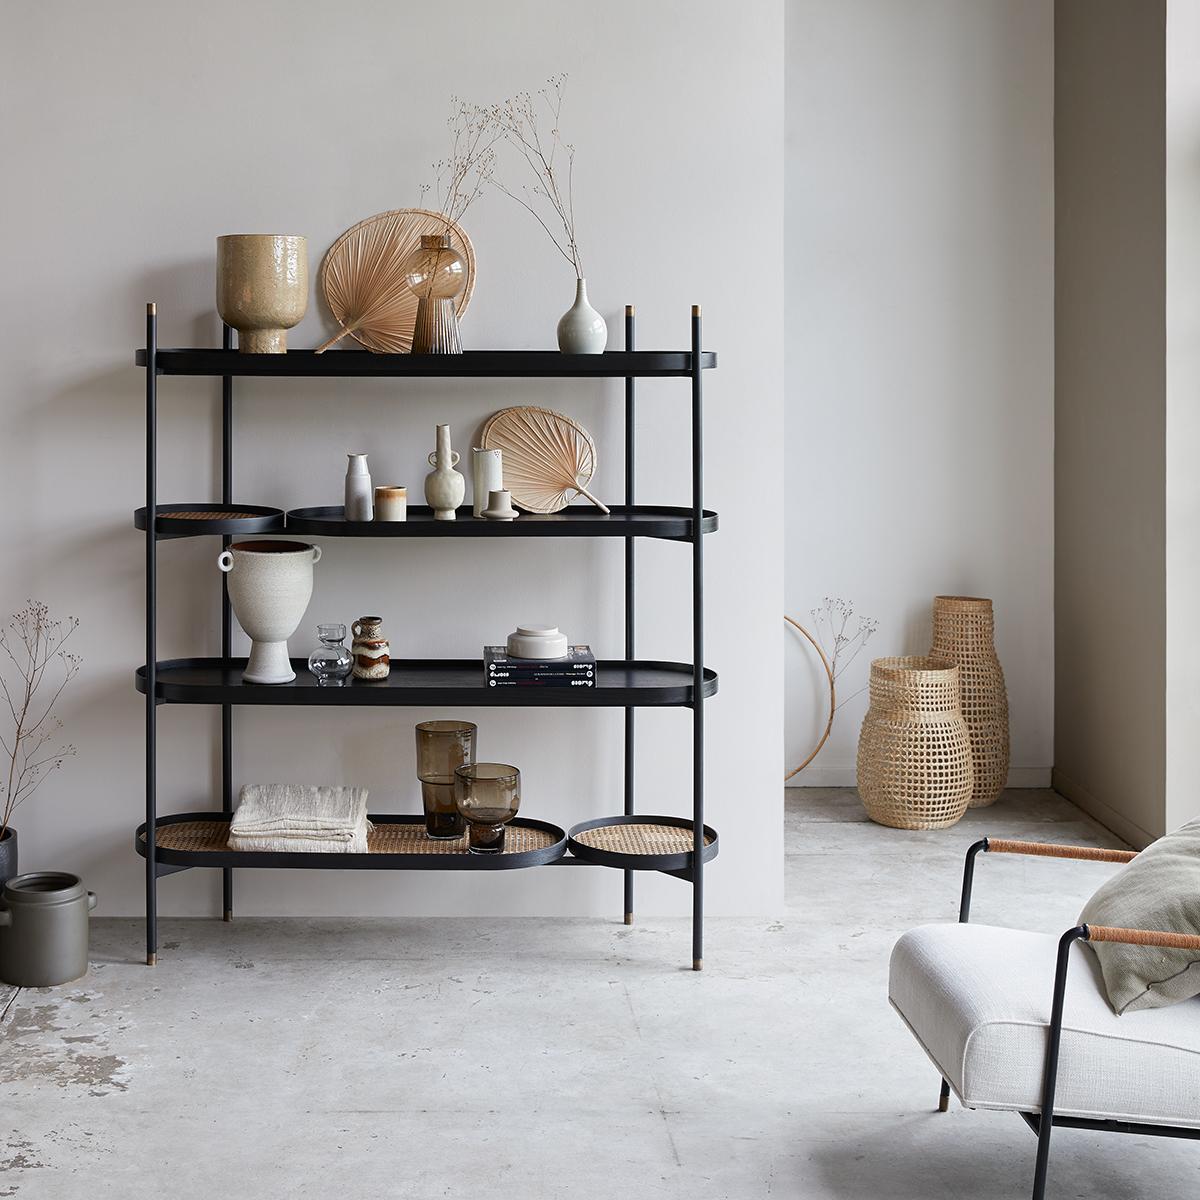 Alix mindi and canework Bookcase